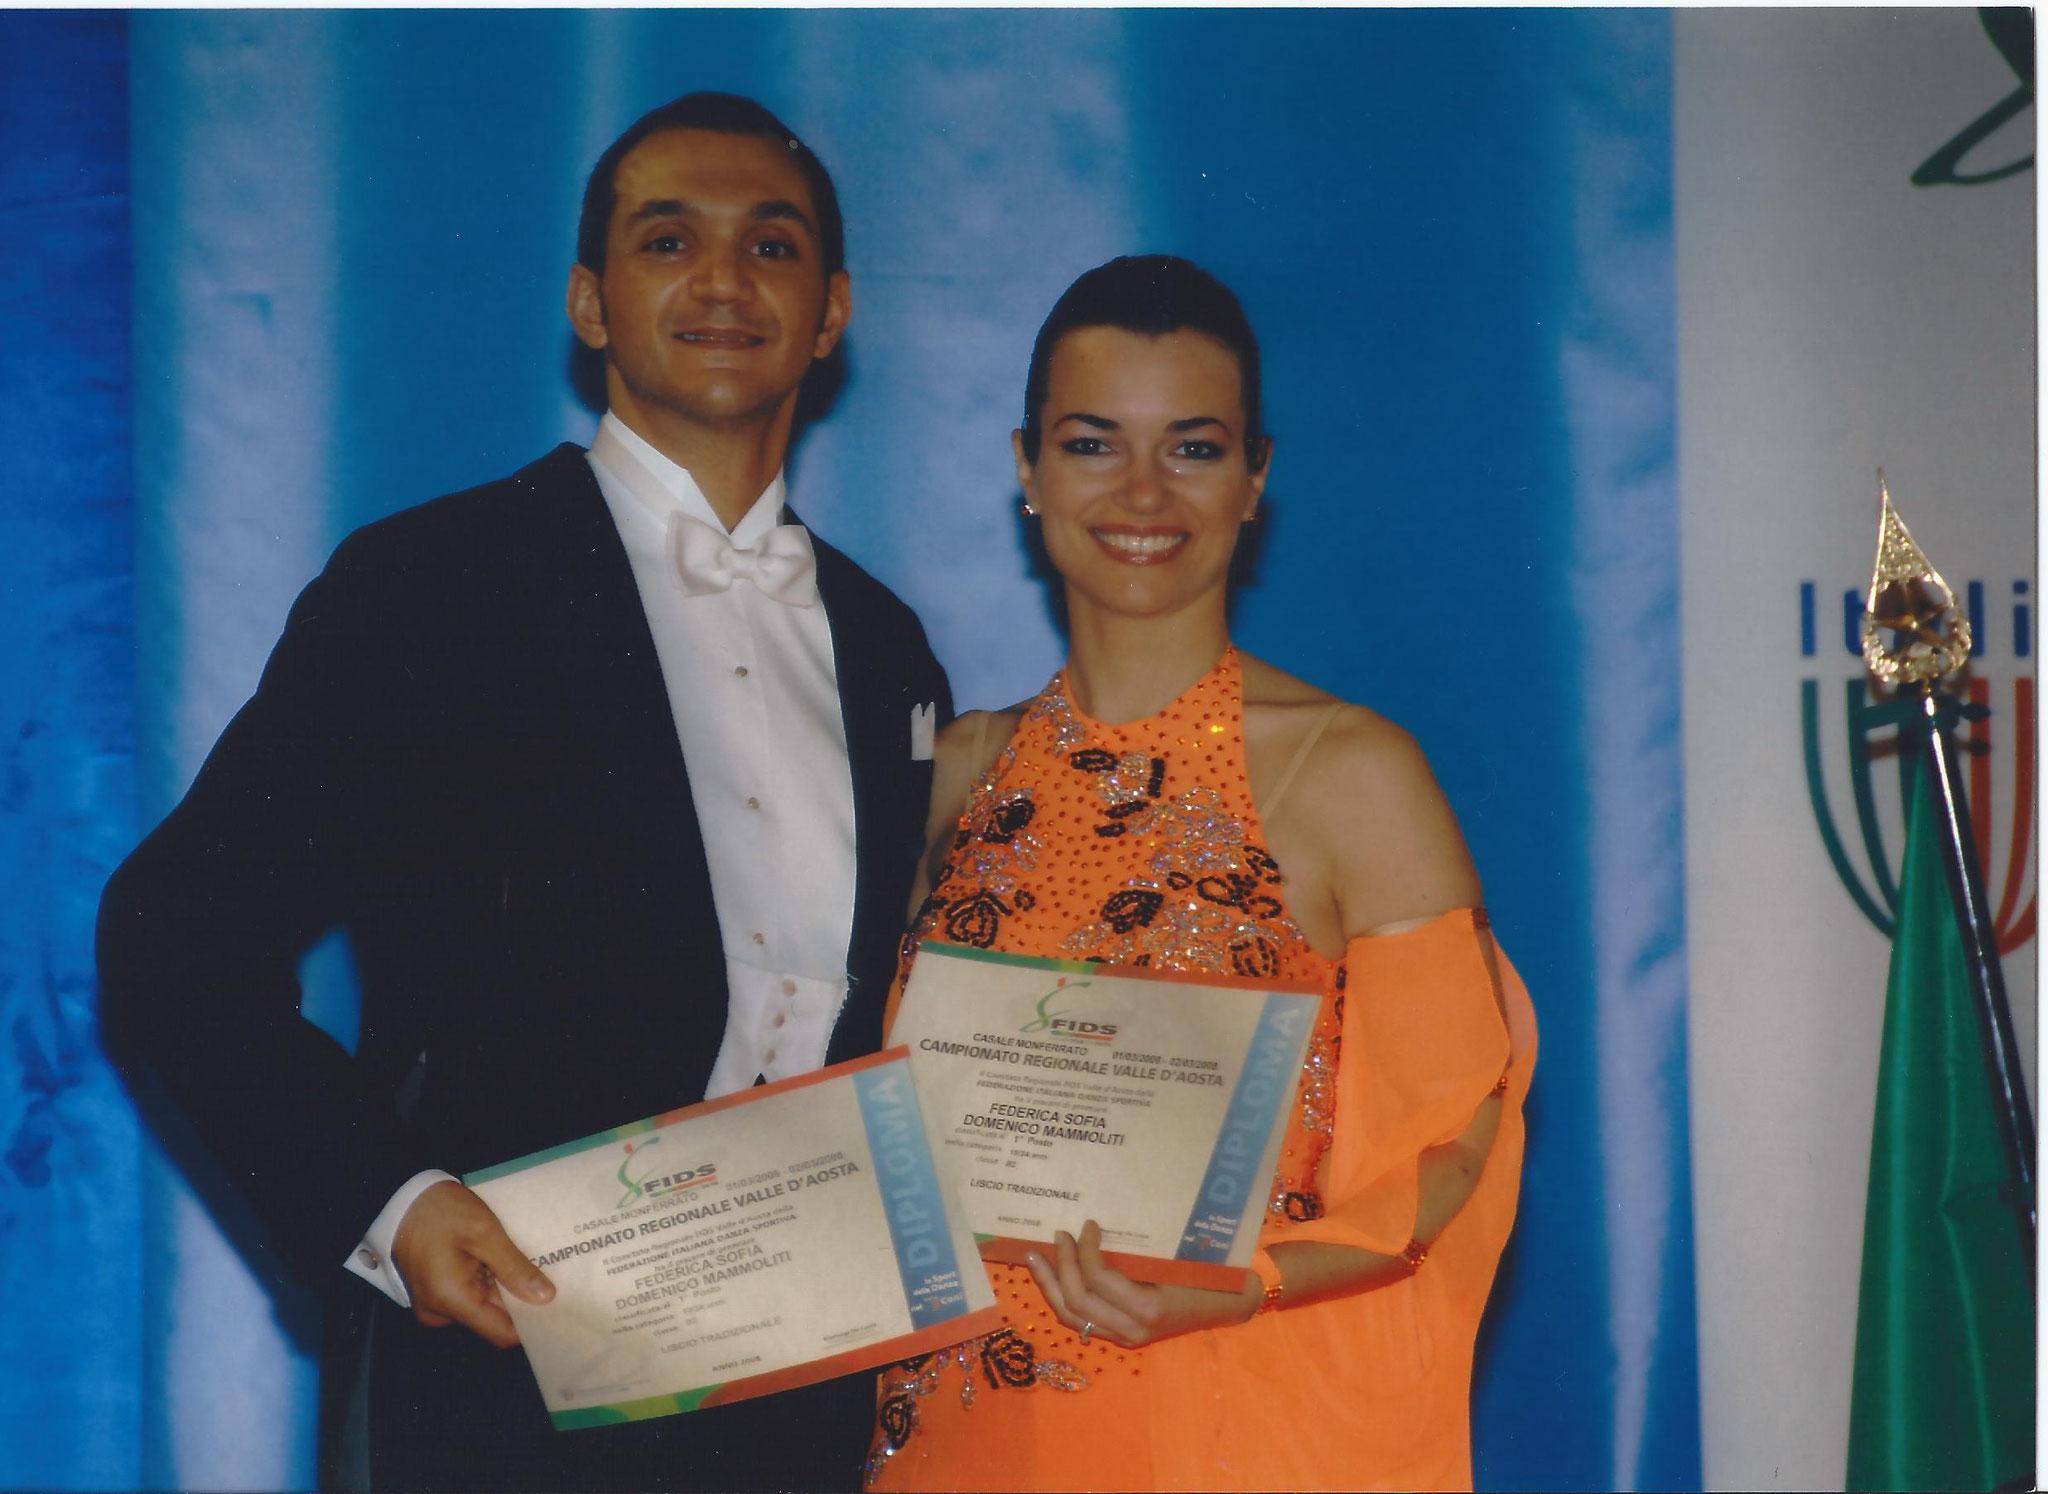 Mammoliti Domenico & Sofia Federica